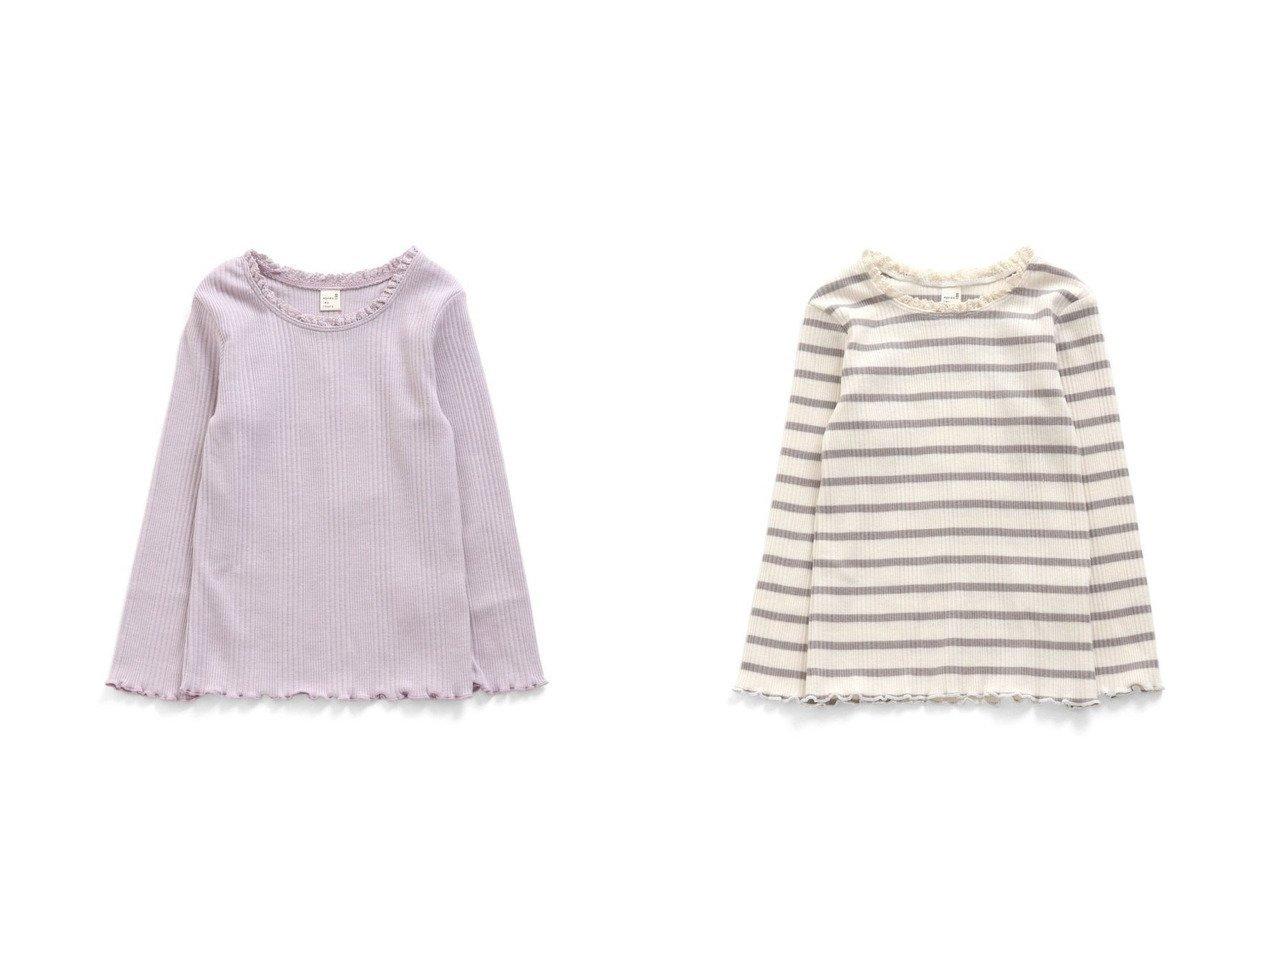 【apres les cours / KIDS/アプレレクール】の衿レースリブTシャツ 【KIDS】子供服のおすすめ!人気トレンド・キッズファッションの通販 おすすめで人気の流行・トレンド、ファッションの通販商品 メンズファッション・キッズファッション・インテリア・家具・レディースファッション・服の通販 founy(ファニー) https://founy.com/ ファッション Fashion キッズファッション KIDS トップス・カットソー Tops/Tees/Kids カットソー トレンド 人気 再入荷 Restock/Back in Stock/Re Arrival 長袖 |ID:crp329100000030709